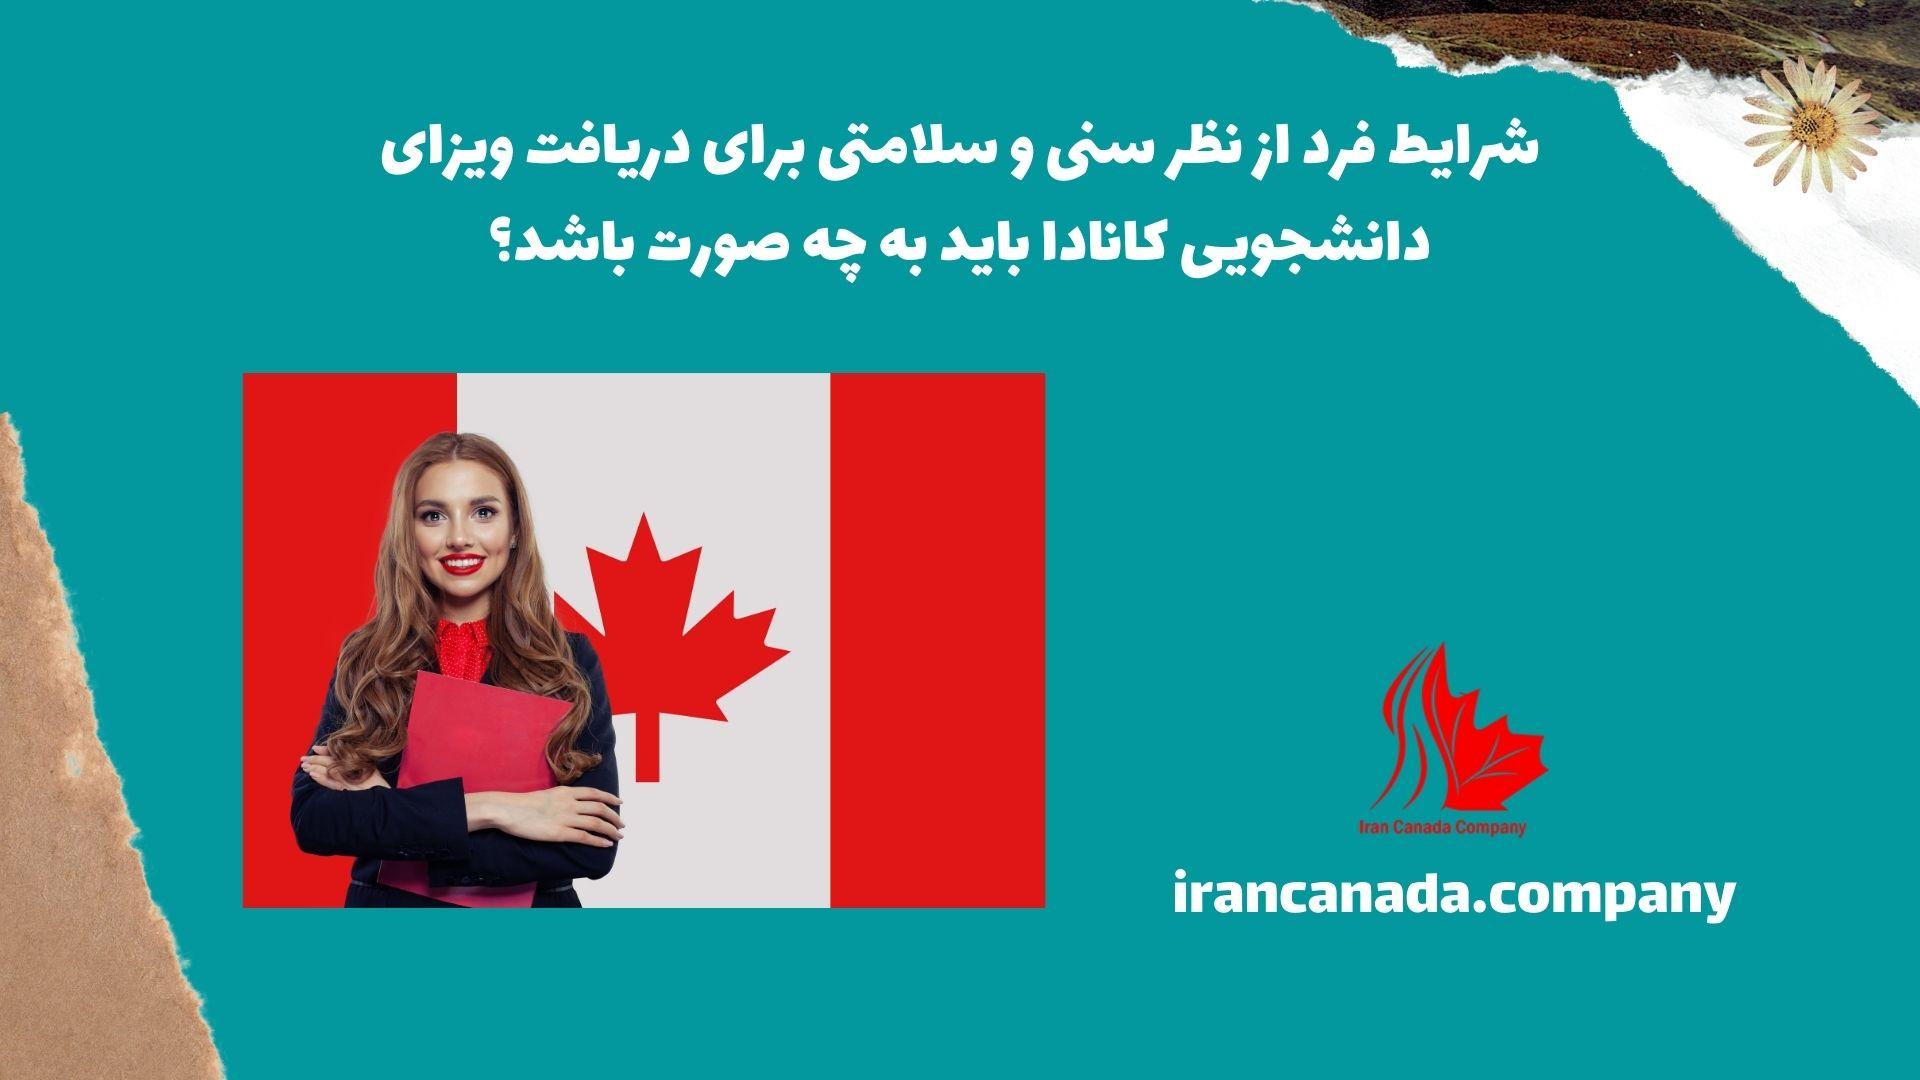 شرایط فرد از نظر سنی و سلامتی برای دریافت ویزای دانشجویی کانادا باید به چه صورت باشد؟